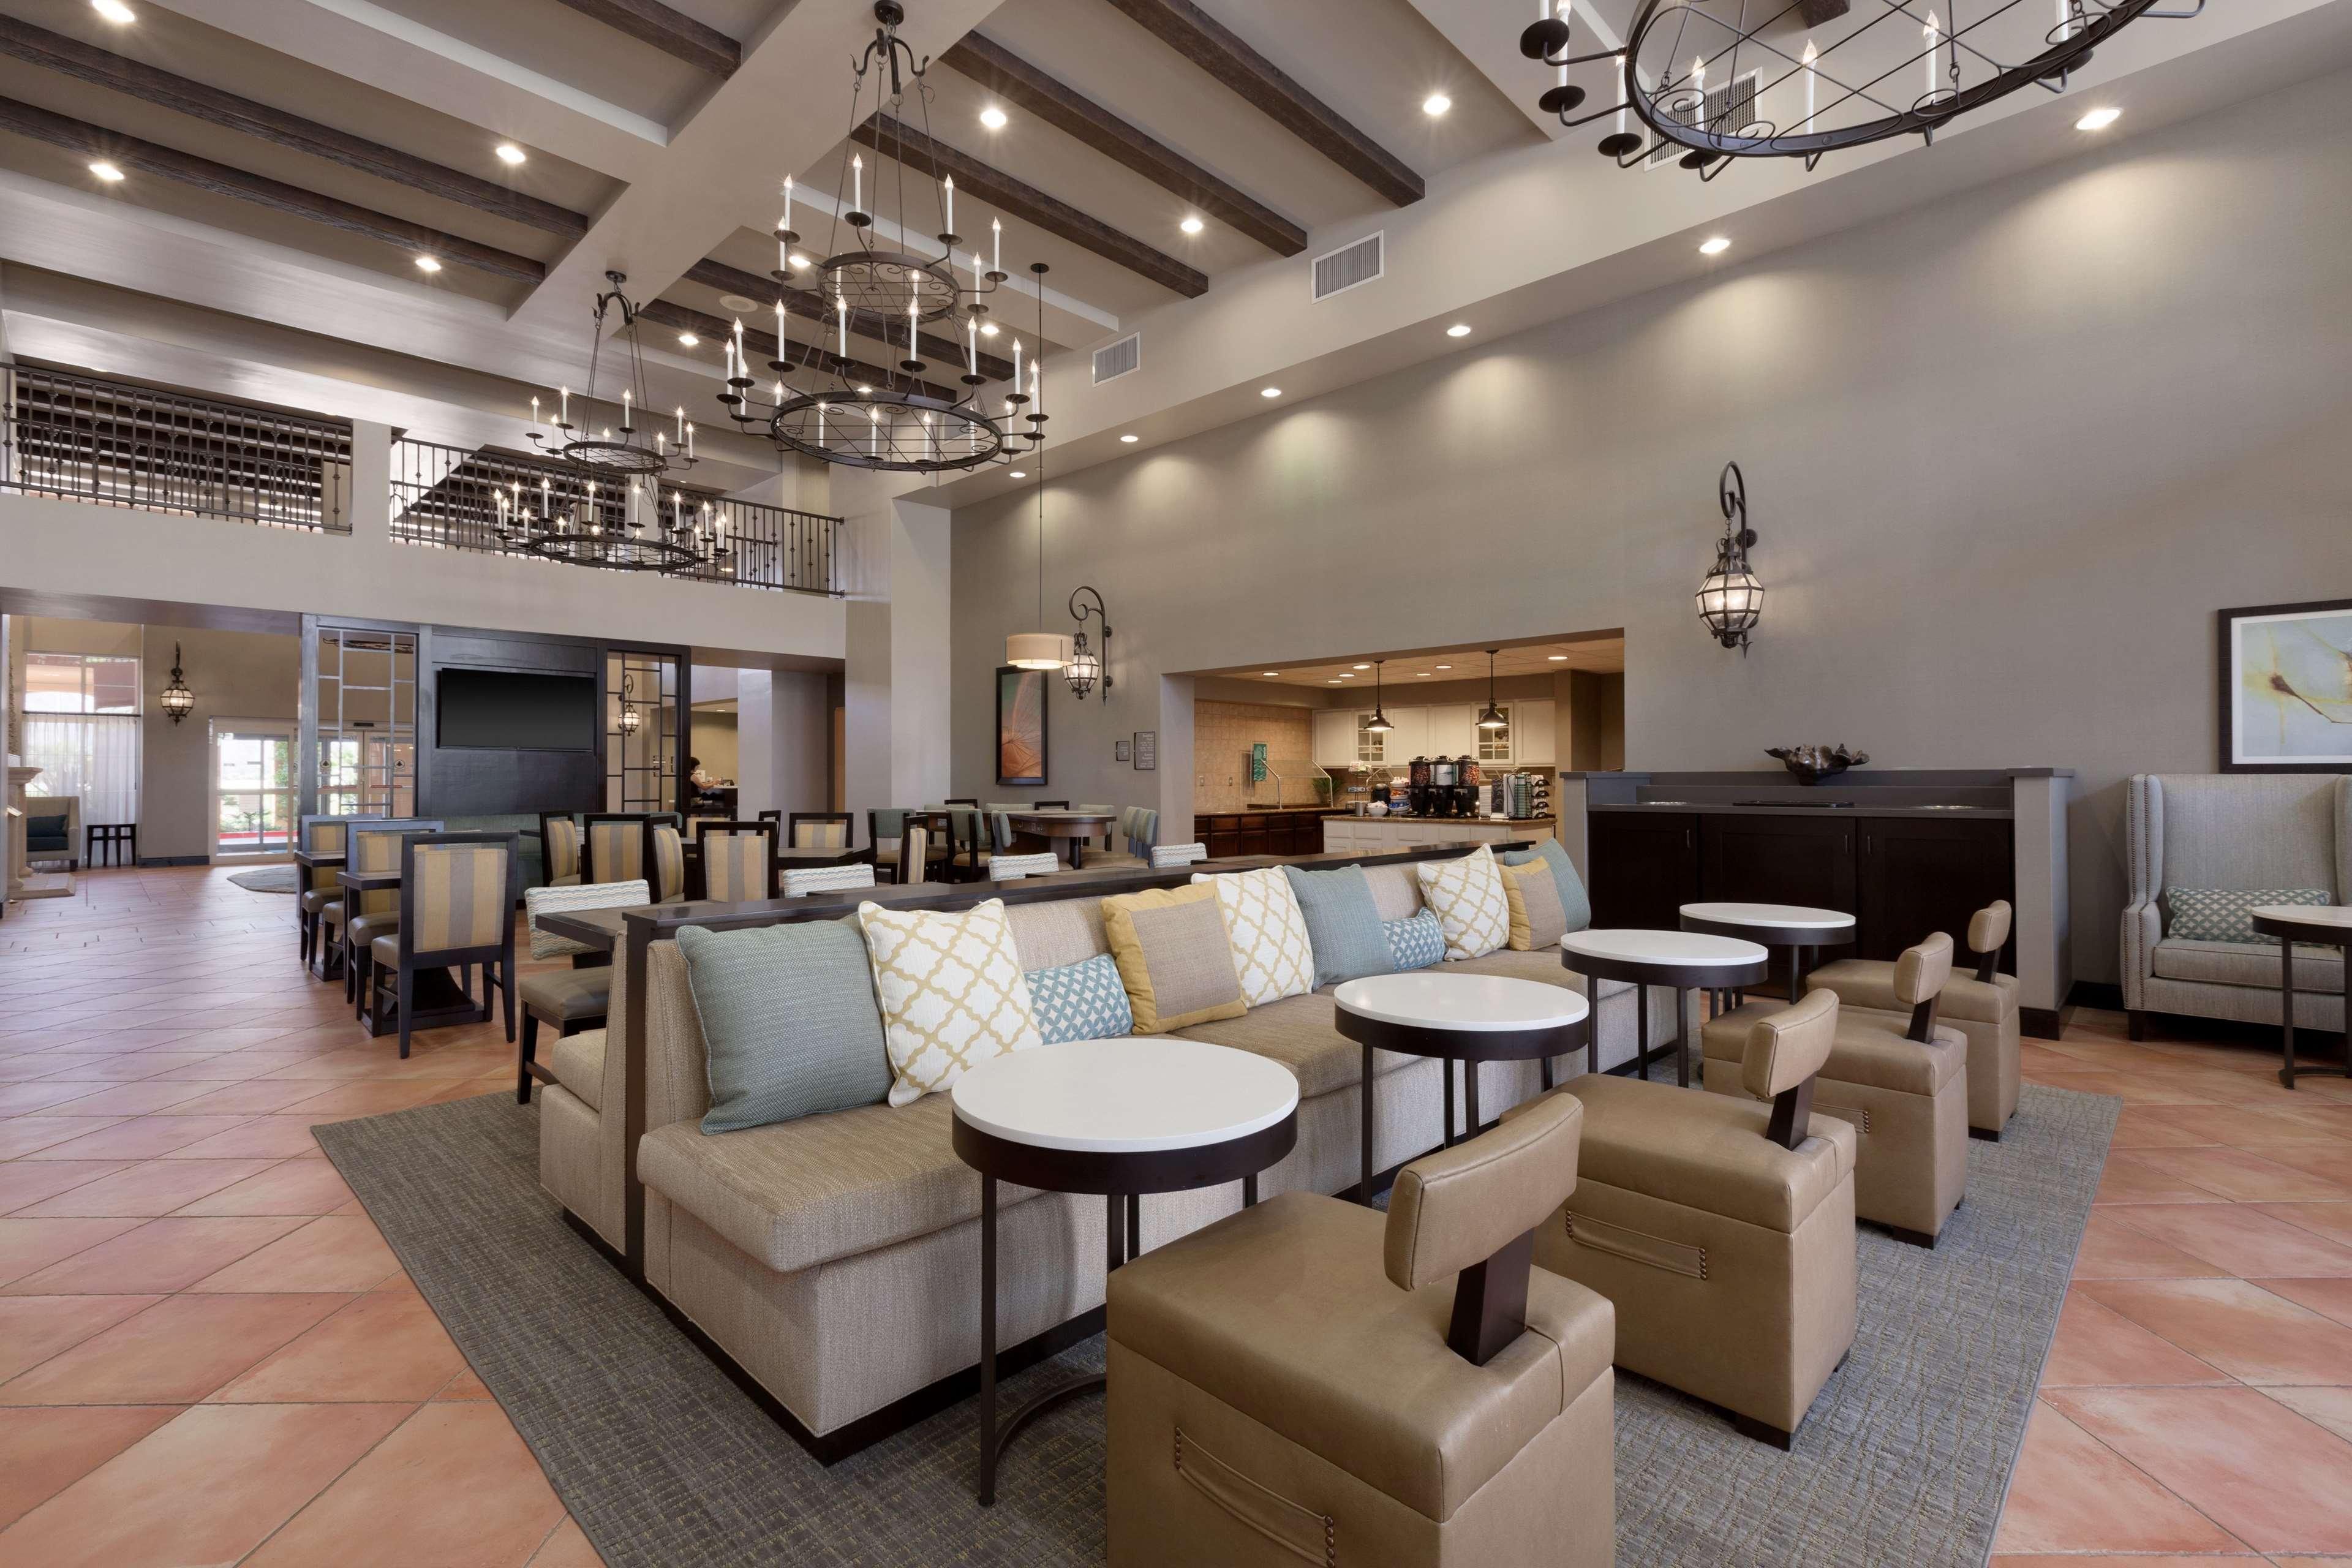 Homewood Suites by Hilton La Quinta image 13